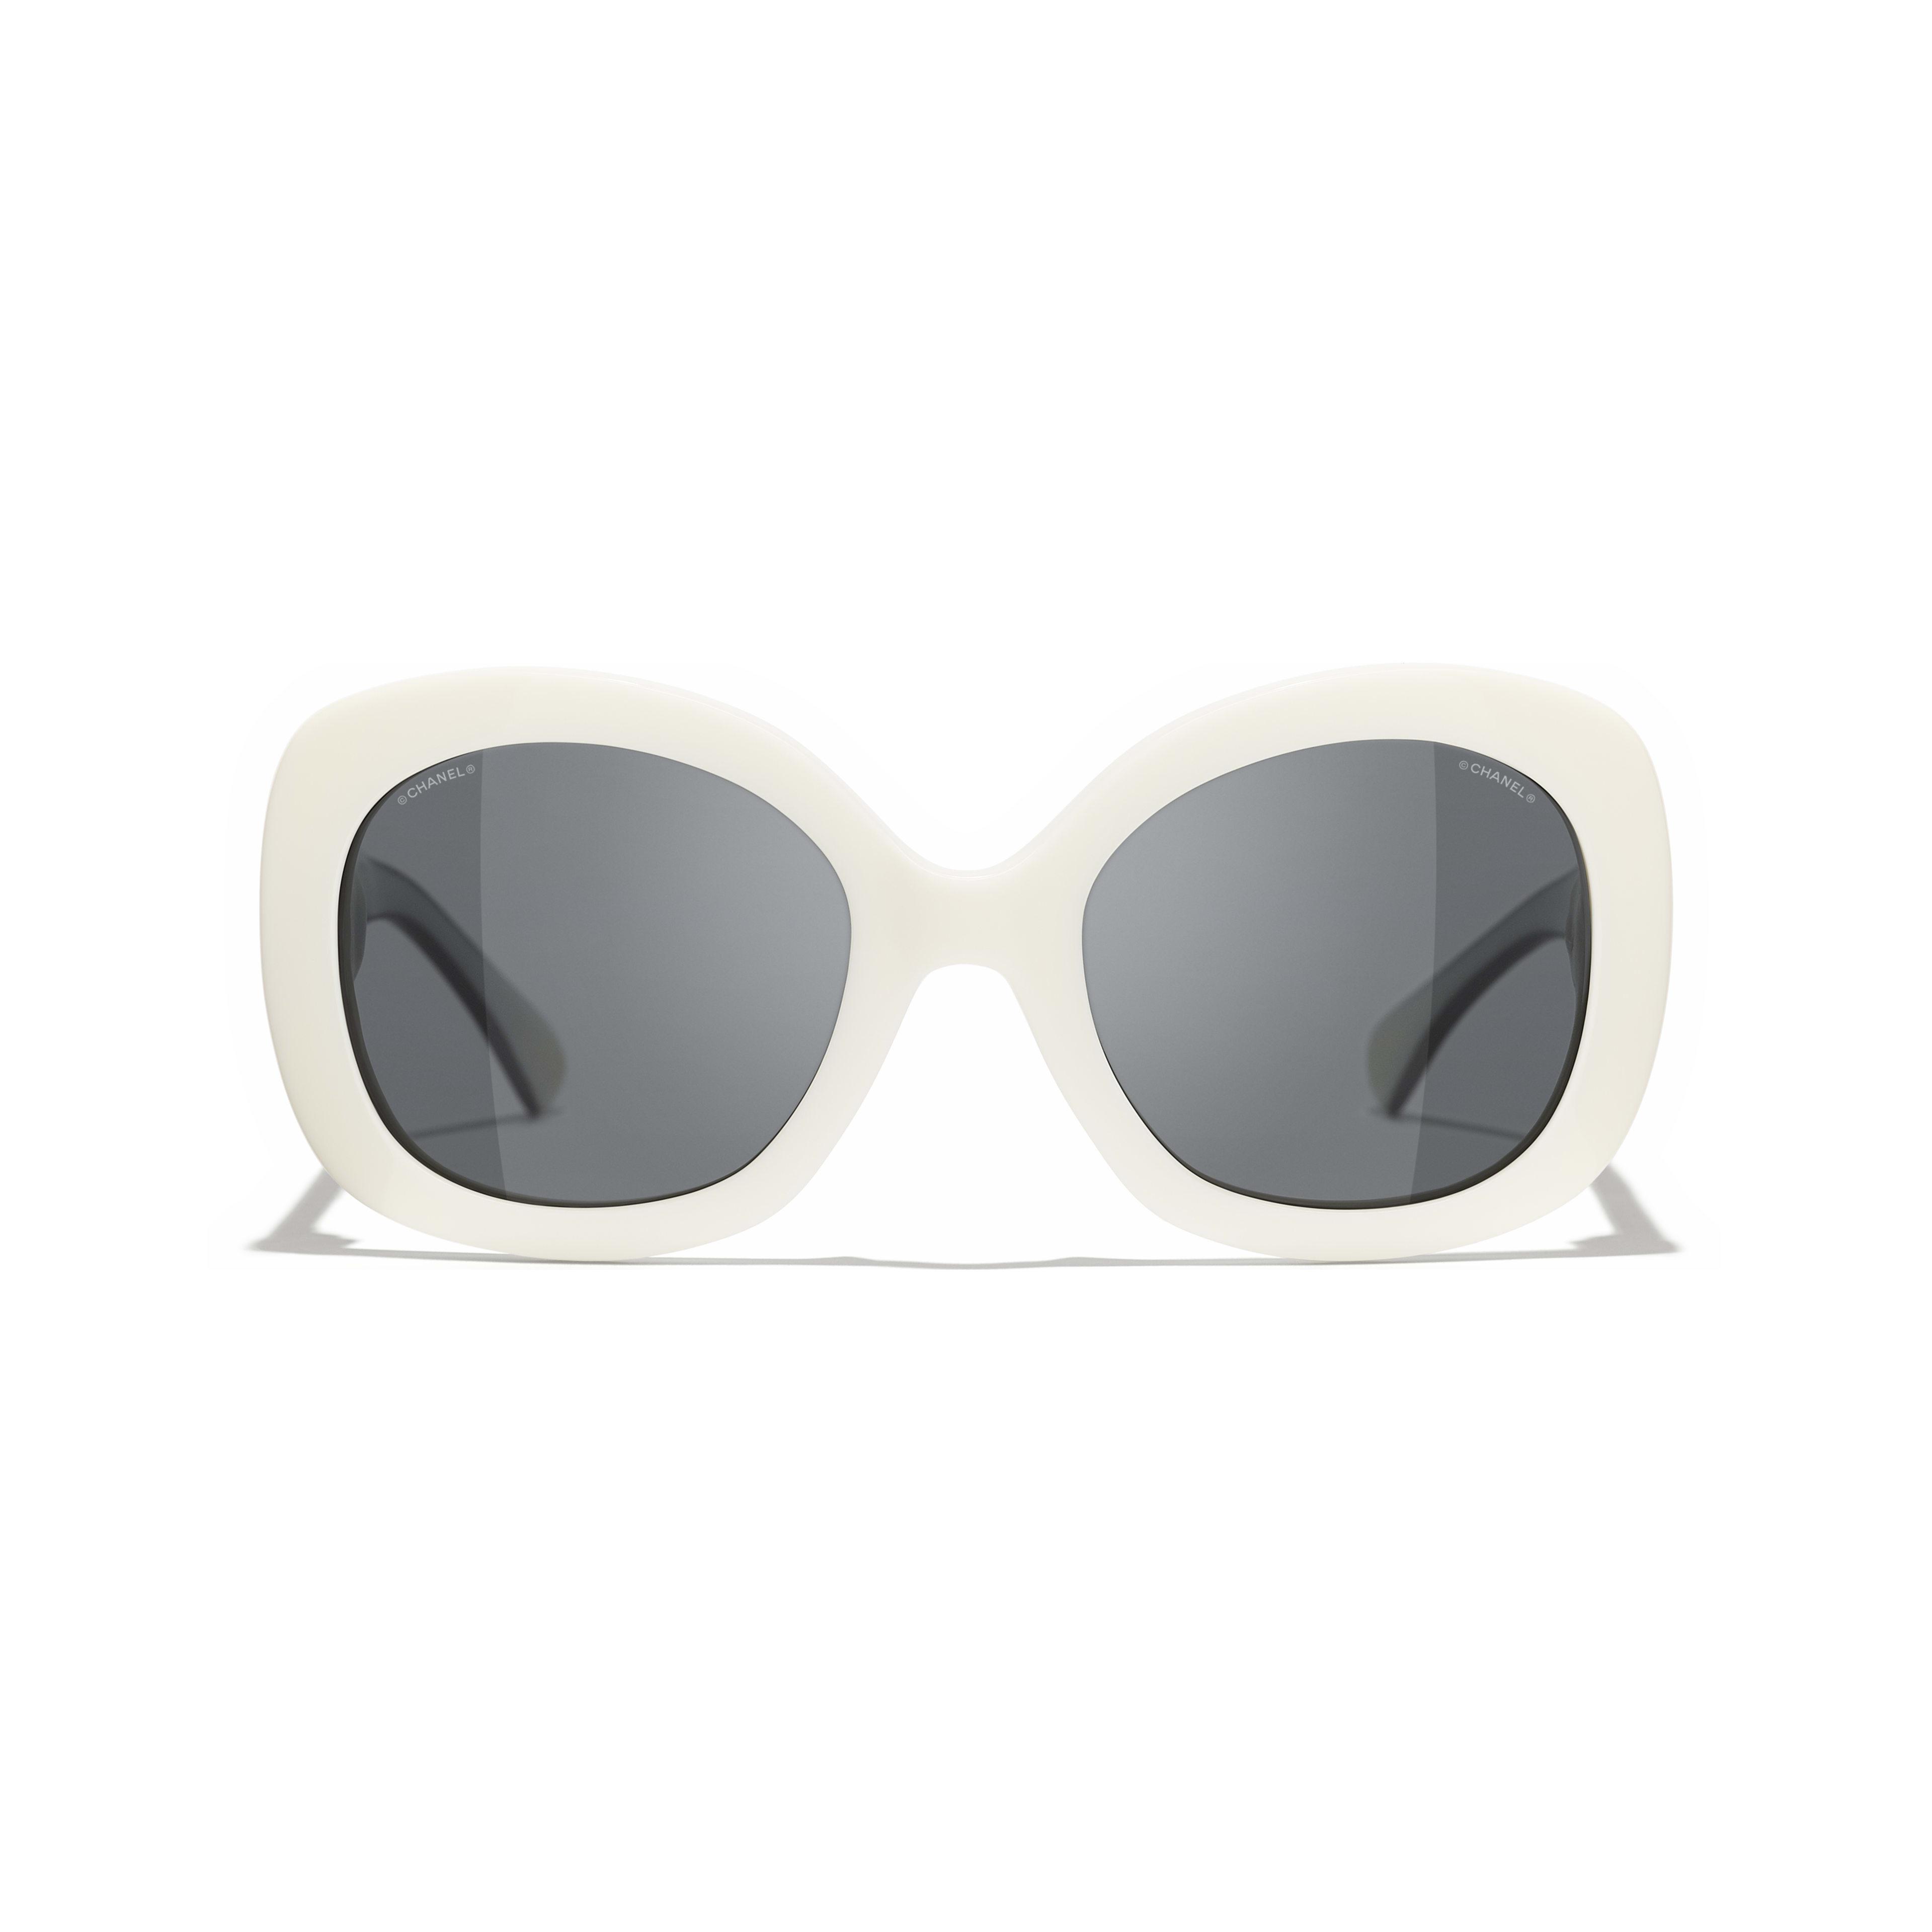 Gafas de sol cuadradas - Blanco - Acetato - CHANEL - Vista alternativa - ver la versión tamaño estándar